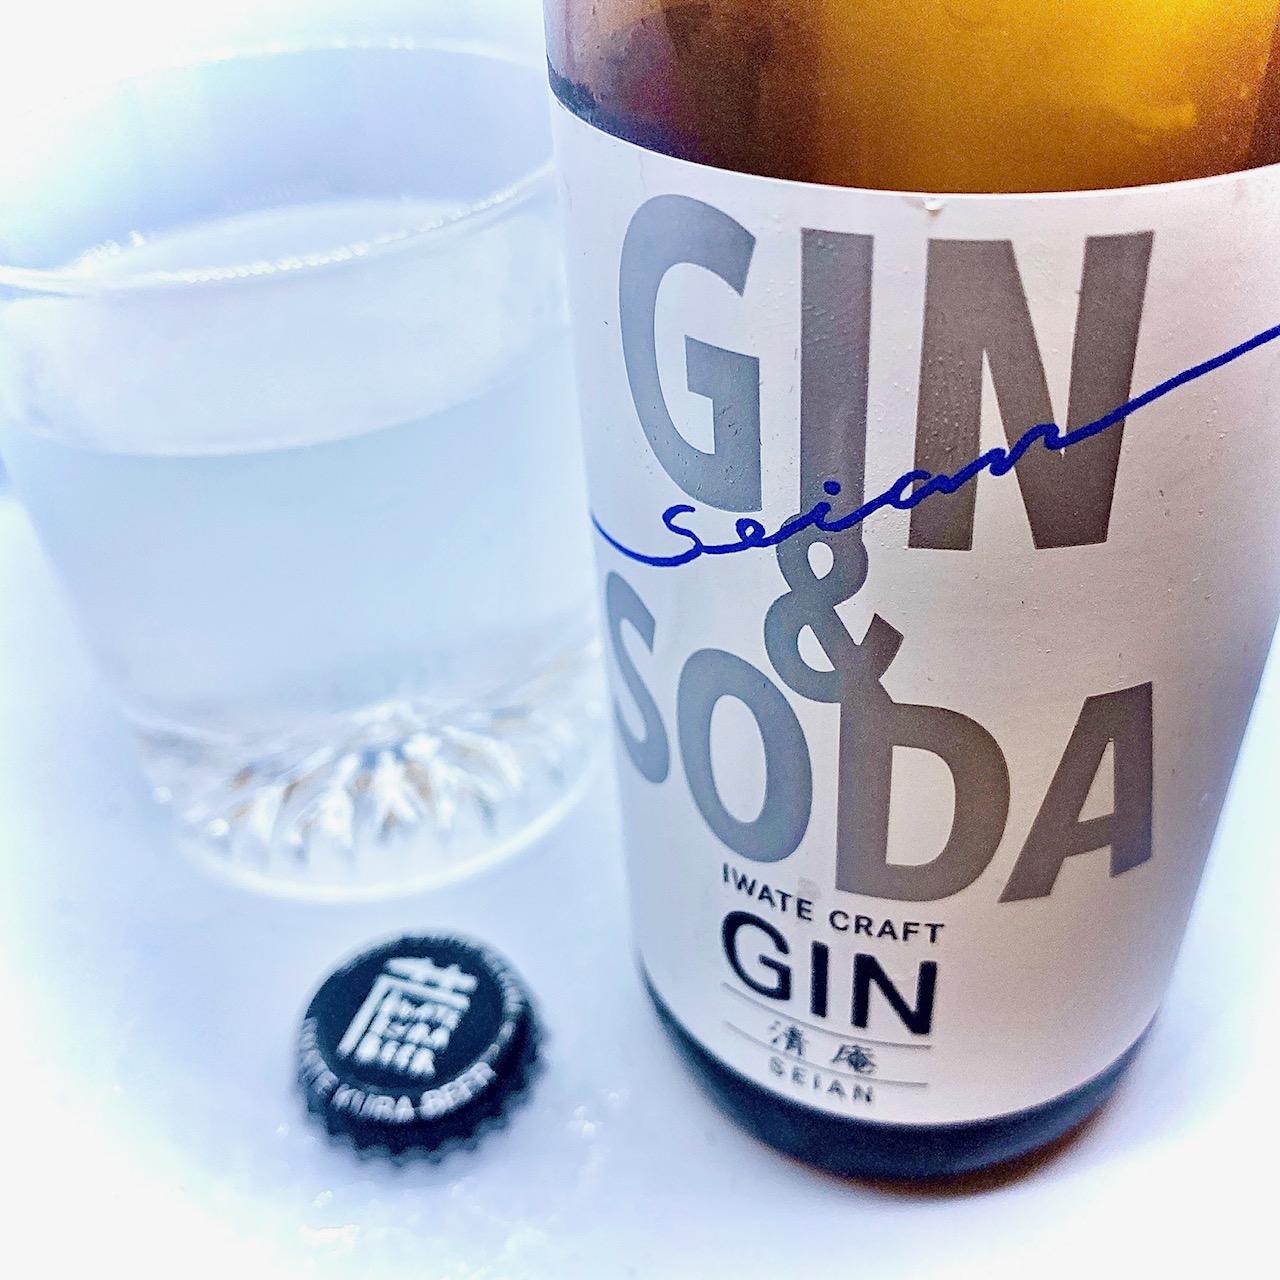 いわて蔵ビールブランドを手がける世嬉の一酒造株式会社の「クラフトジン&ソーダ(GIN &SODA)清庵-SEIANN-」